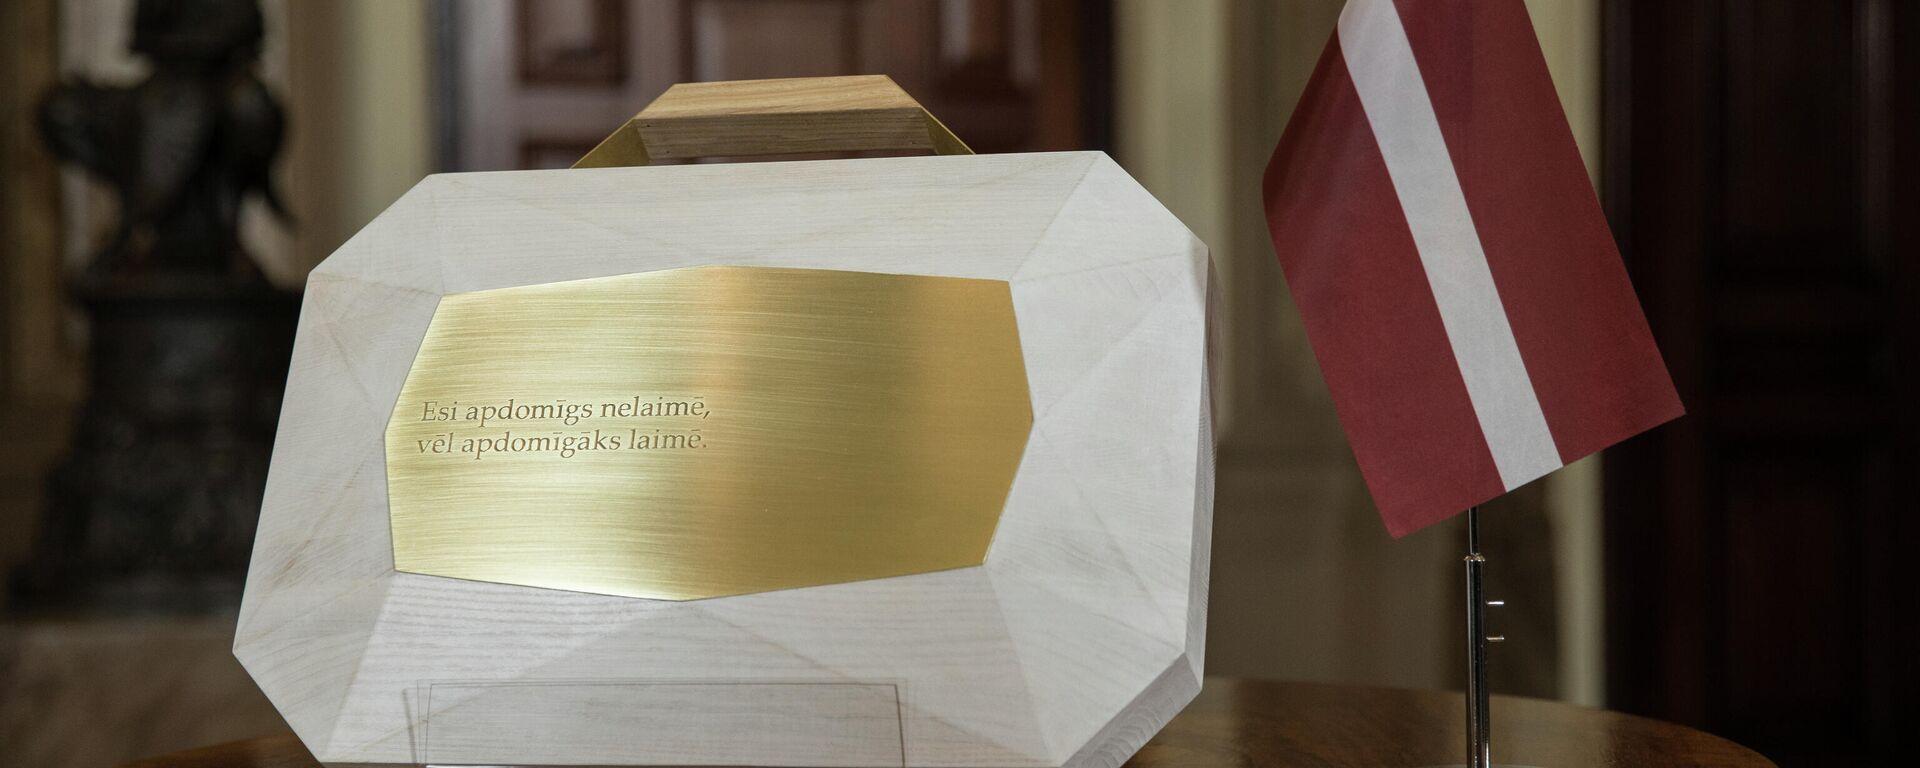 Внесение проекта государственного бюджета на 2022 год в Сейм Латвии - Sputnik Латвия, 1920, 14.10.2021